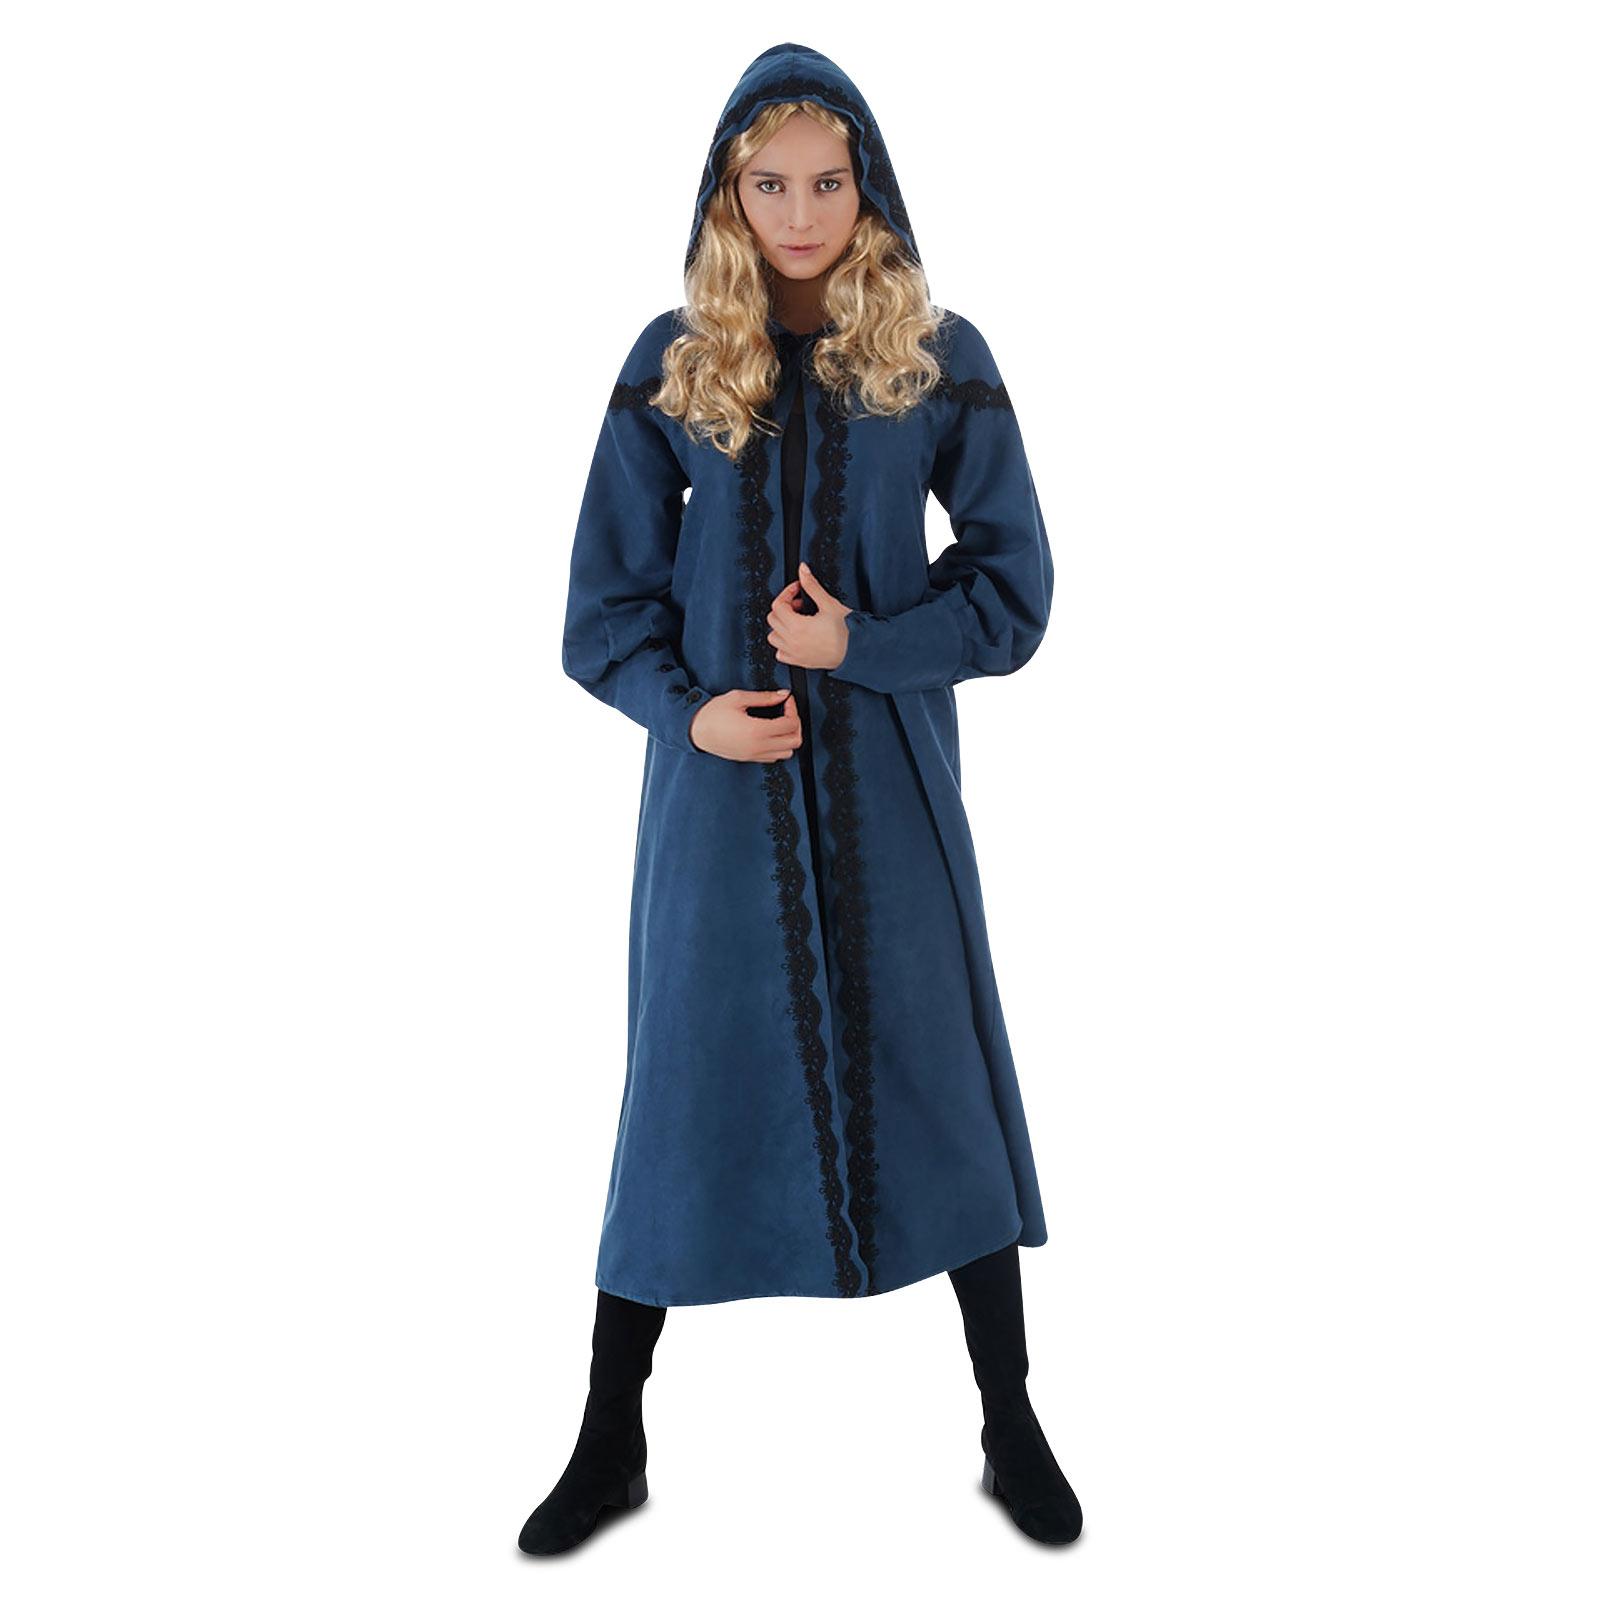 Ciri Kostüm Mantel Damen für Witcher Fans blau